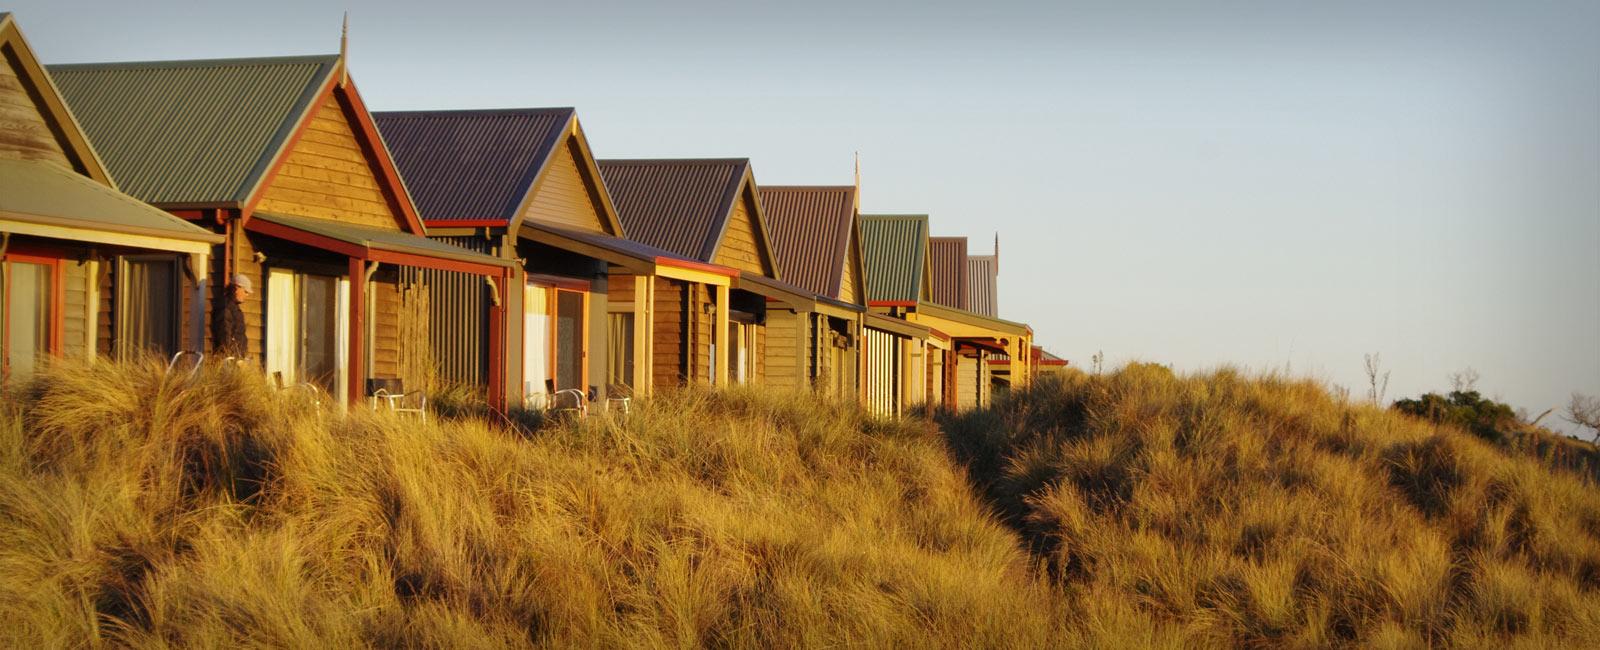 Wo man in Australien übernachten oder wohnen kann